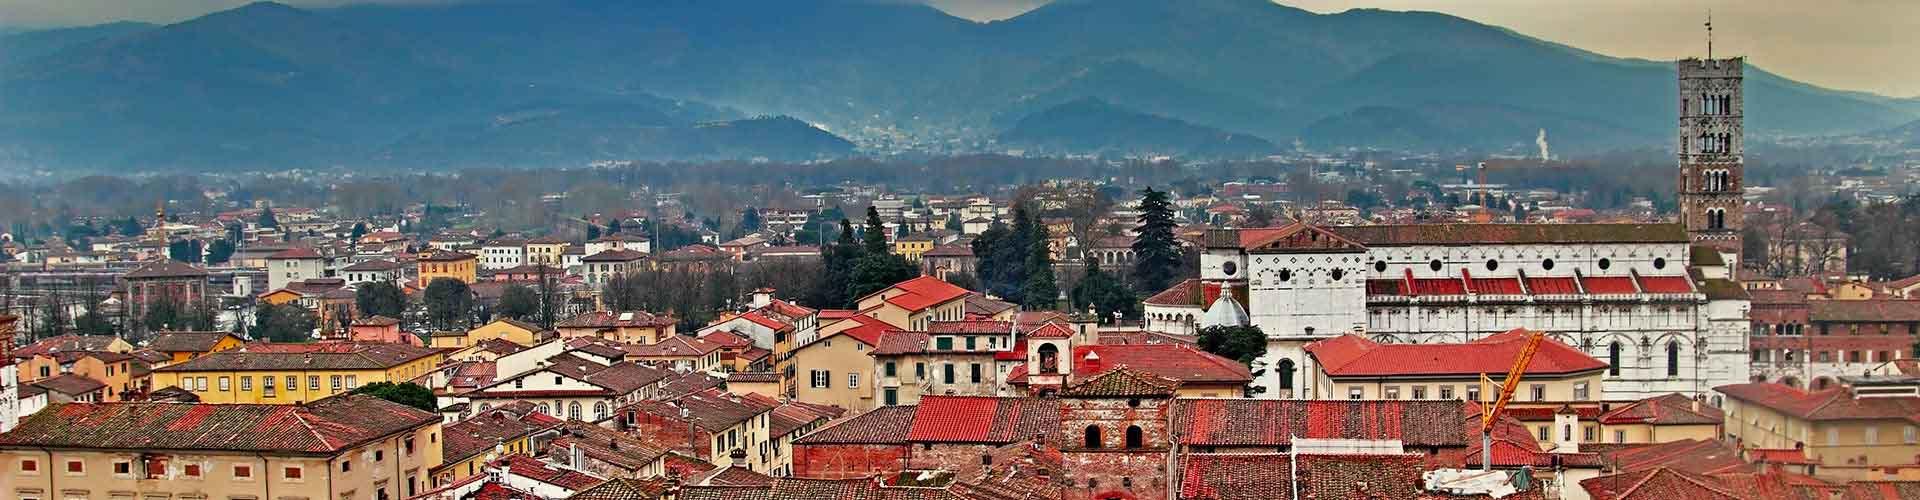 Lucca - Auberges de jeunesse à Lucca. Cartes pour Lucca, photos et commentaires pour chaque auberge de jeunesse à Lucca.